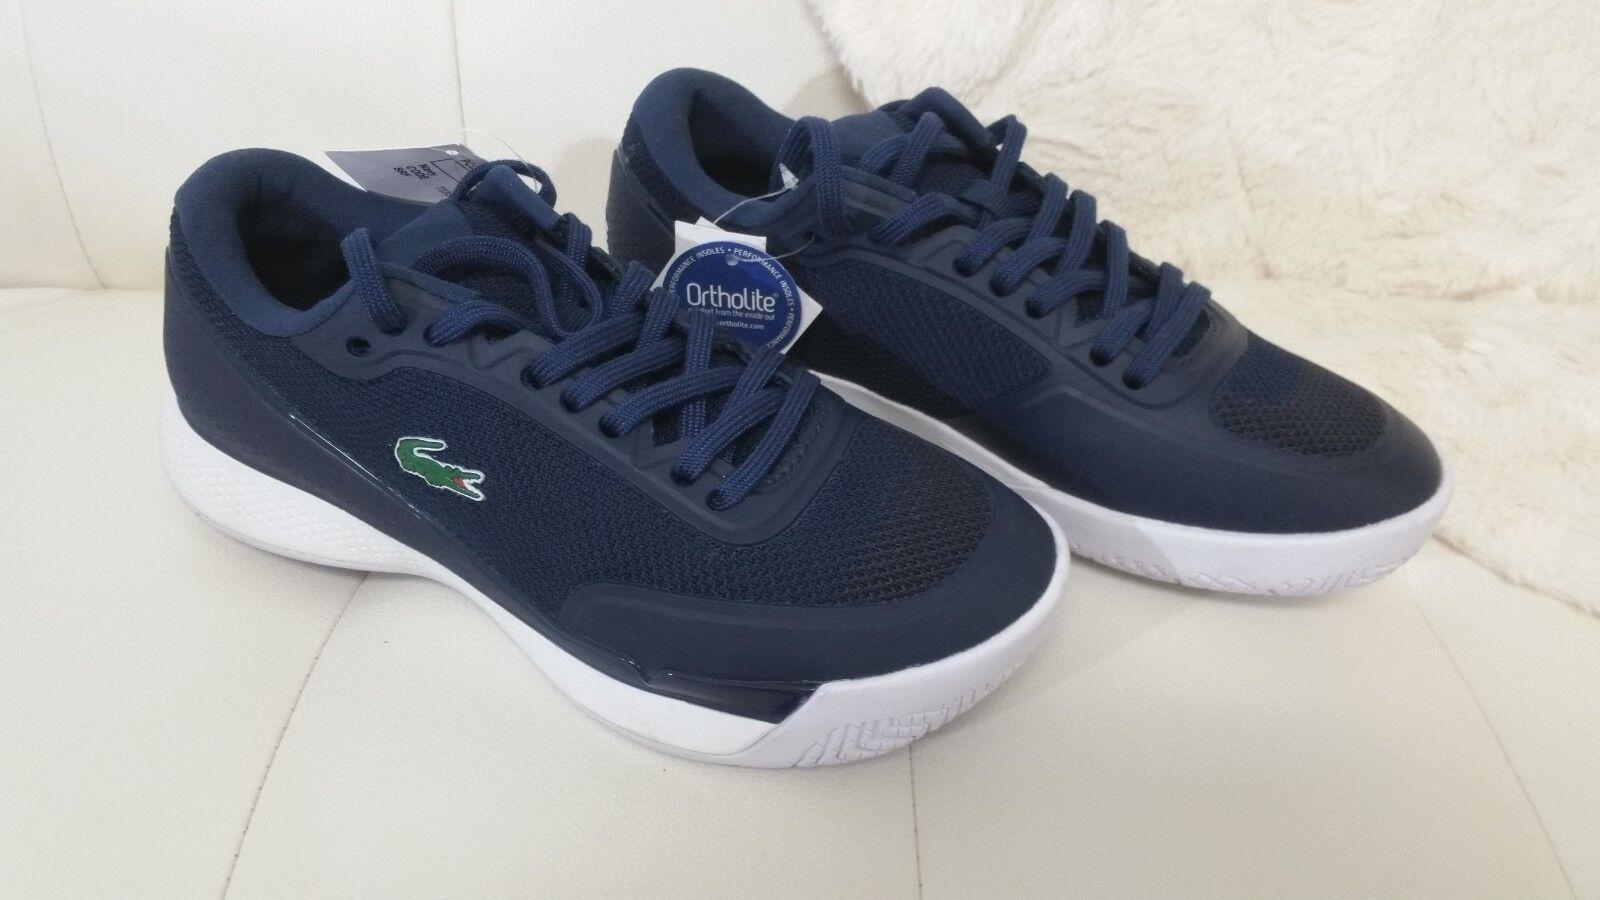 Lacoste Sport Light Pro 117 1 SPW Zapatos Zapatillas zapatillas Sin Caja Nuevo Mujeres 5 Azul Marino